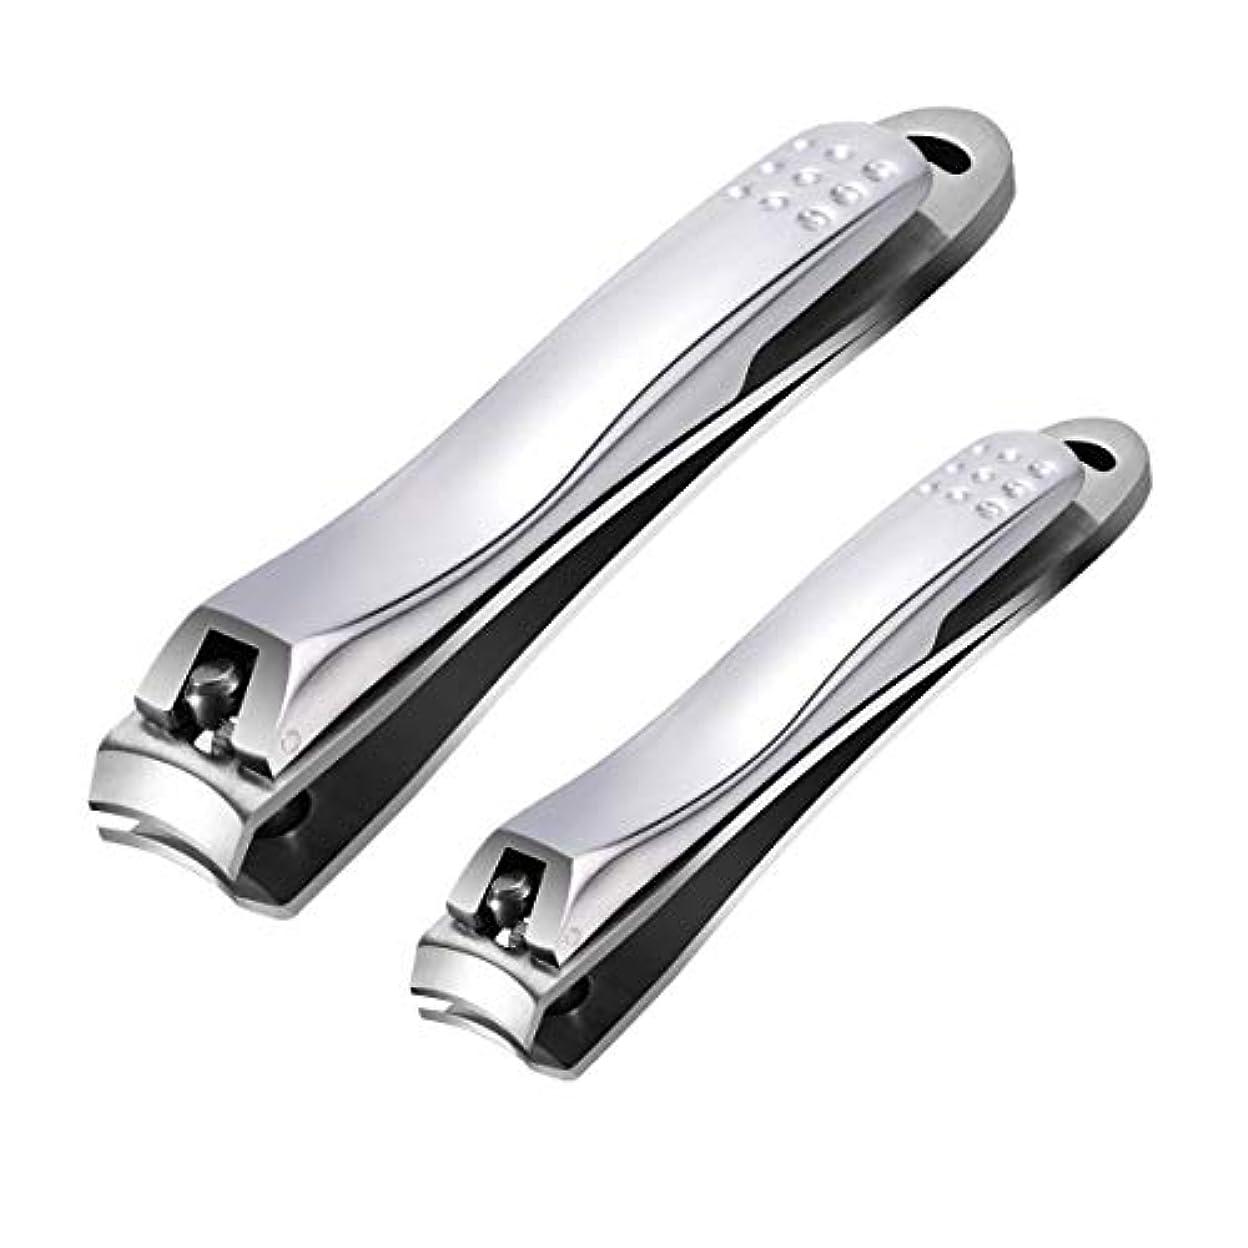 ローブチャンピオンシップ誕生日つめきり ステンレス製高級 爪切り 爪やすり付き 手足はがね ツメキリ 握りやすい スパット切れる レザーケース付き付属 (2サイズ)